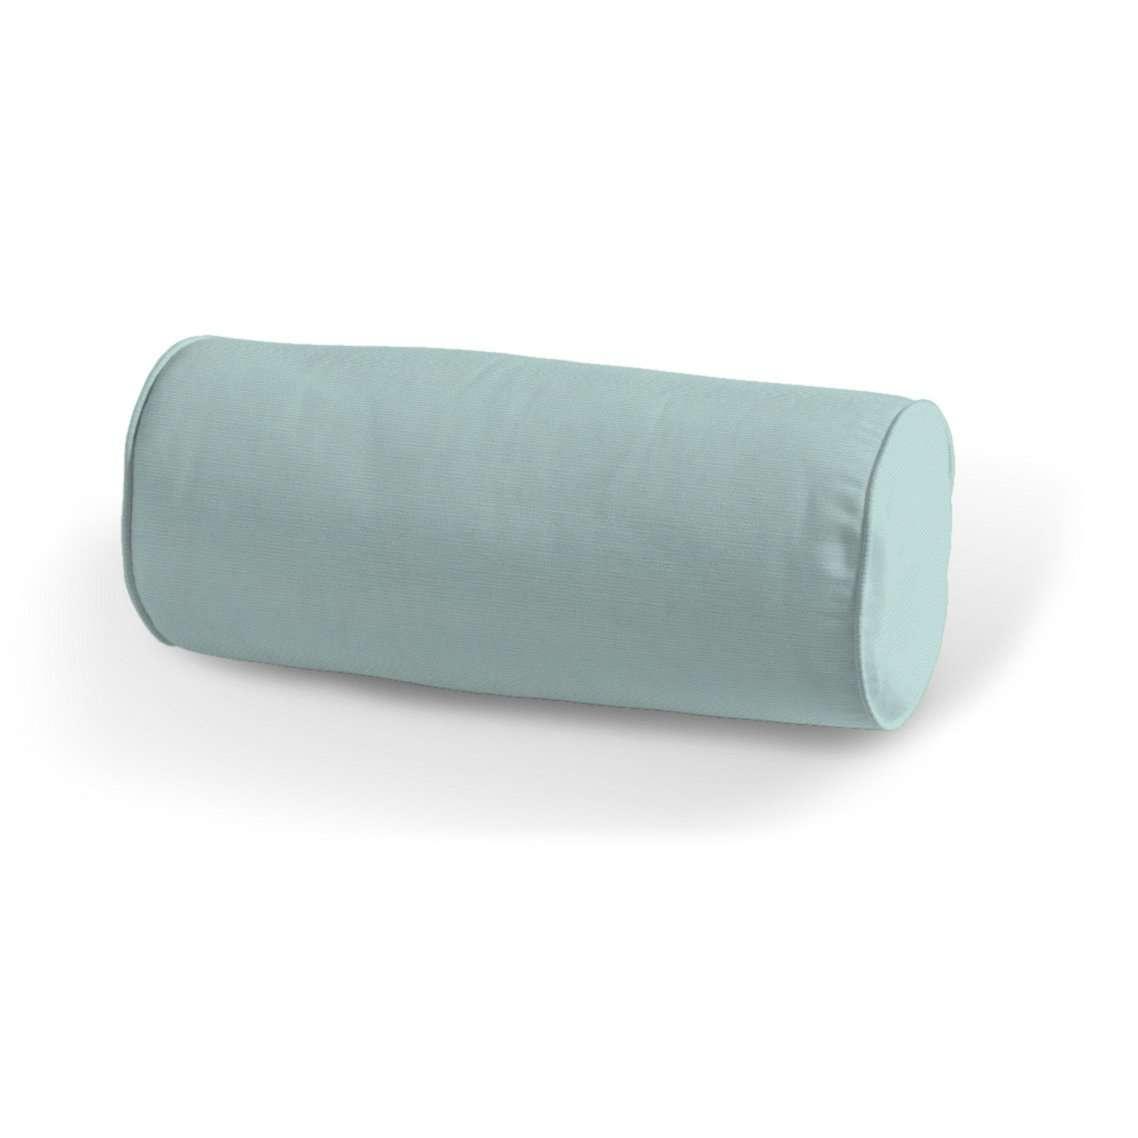 Einfache Nackenrolle Ø 16 x 40 cm von der Kollektion Cotton Panama, Stoff: 702-10